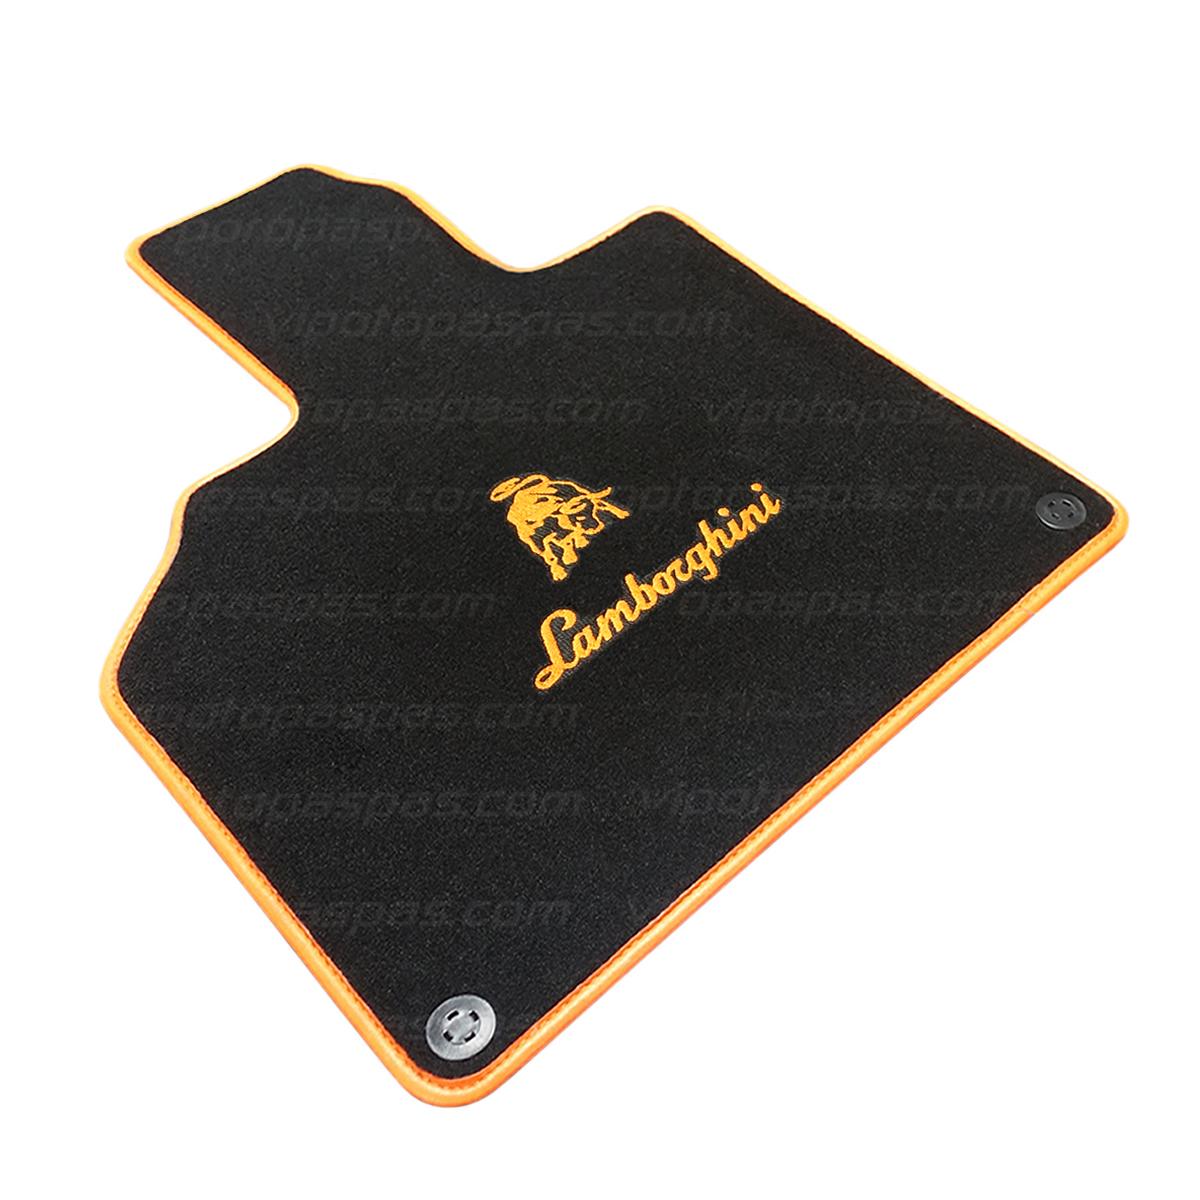 Lamborghini Gallardo Halı Paspas Takımı 2008-2013 *Lamborghini